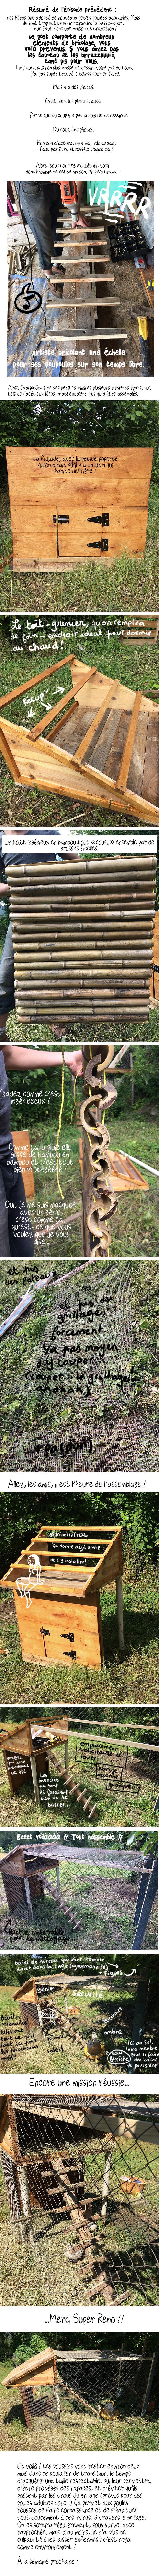 http://melaka.free.fr/blog/poulaillertransition.jpg